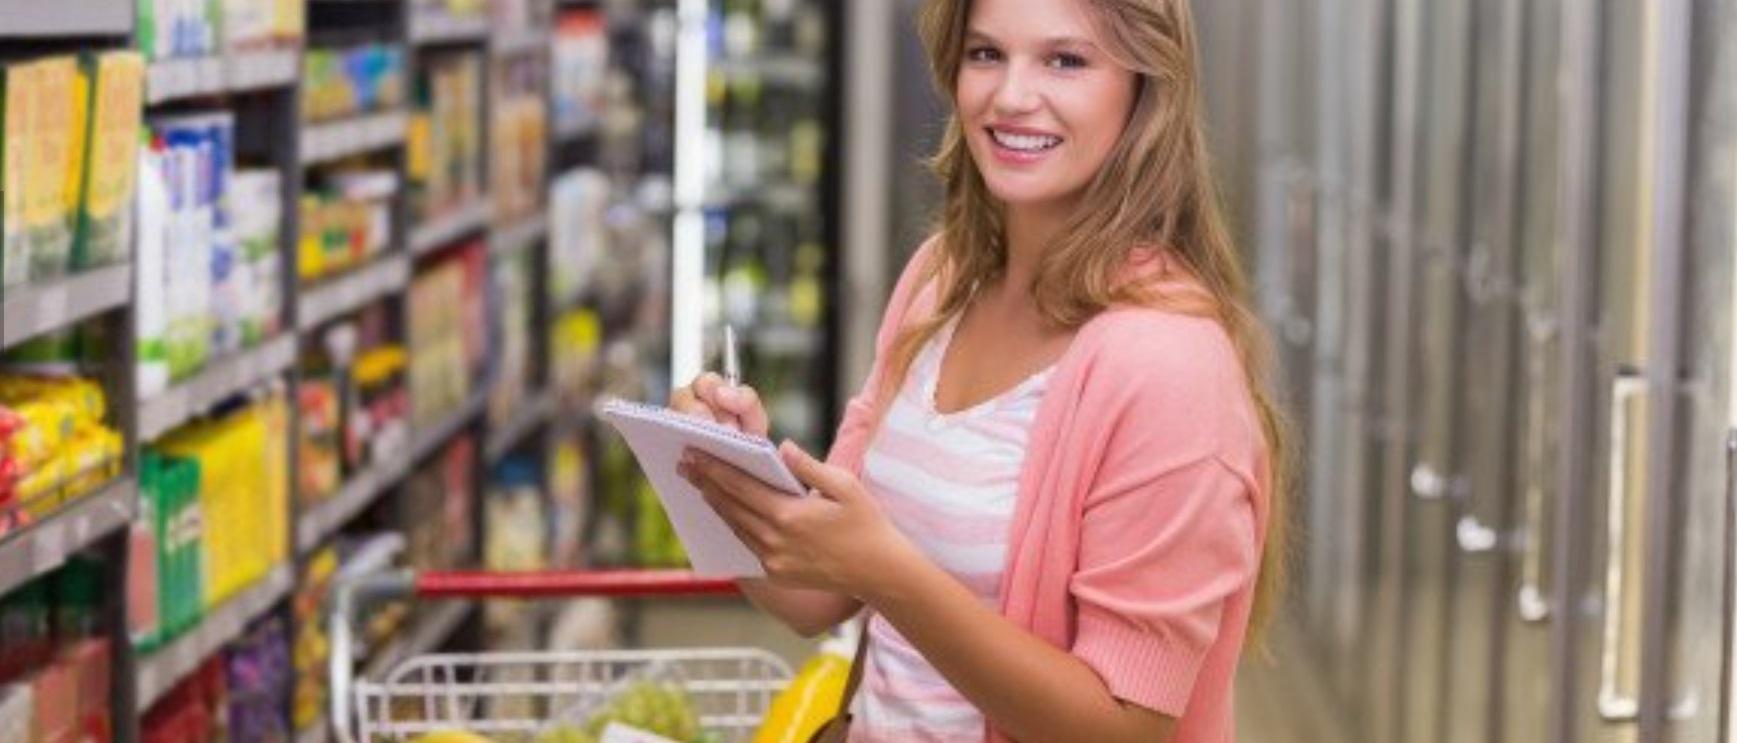 Ipswich IGA Supermarket For Sale in Queensland, Australia